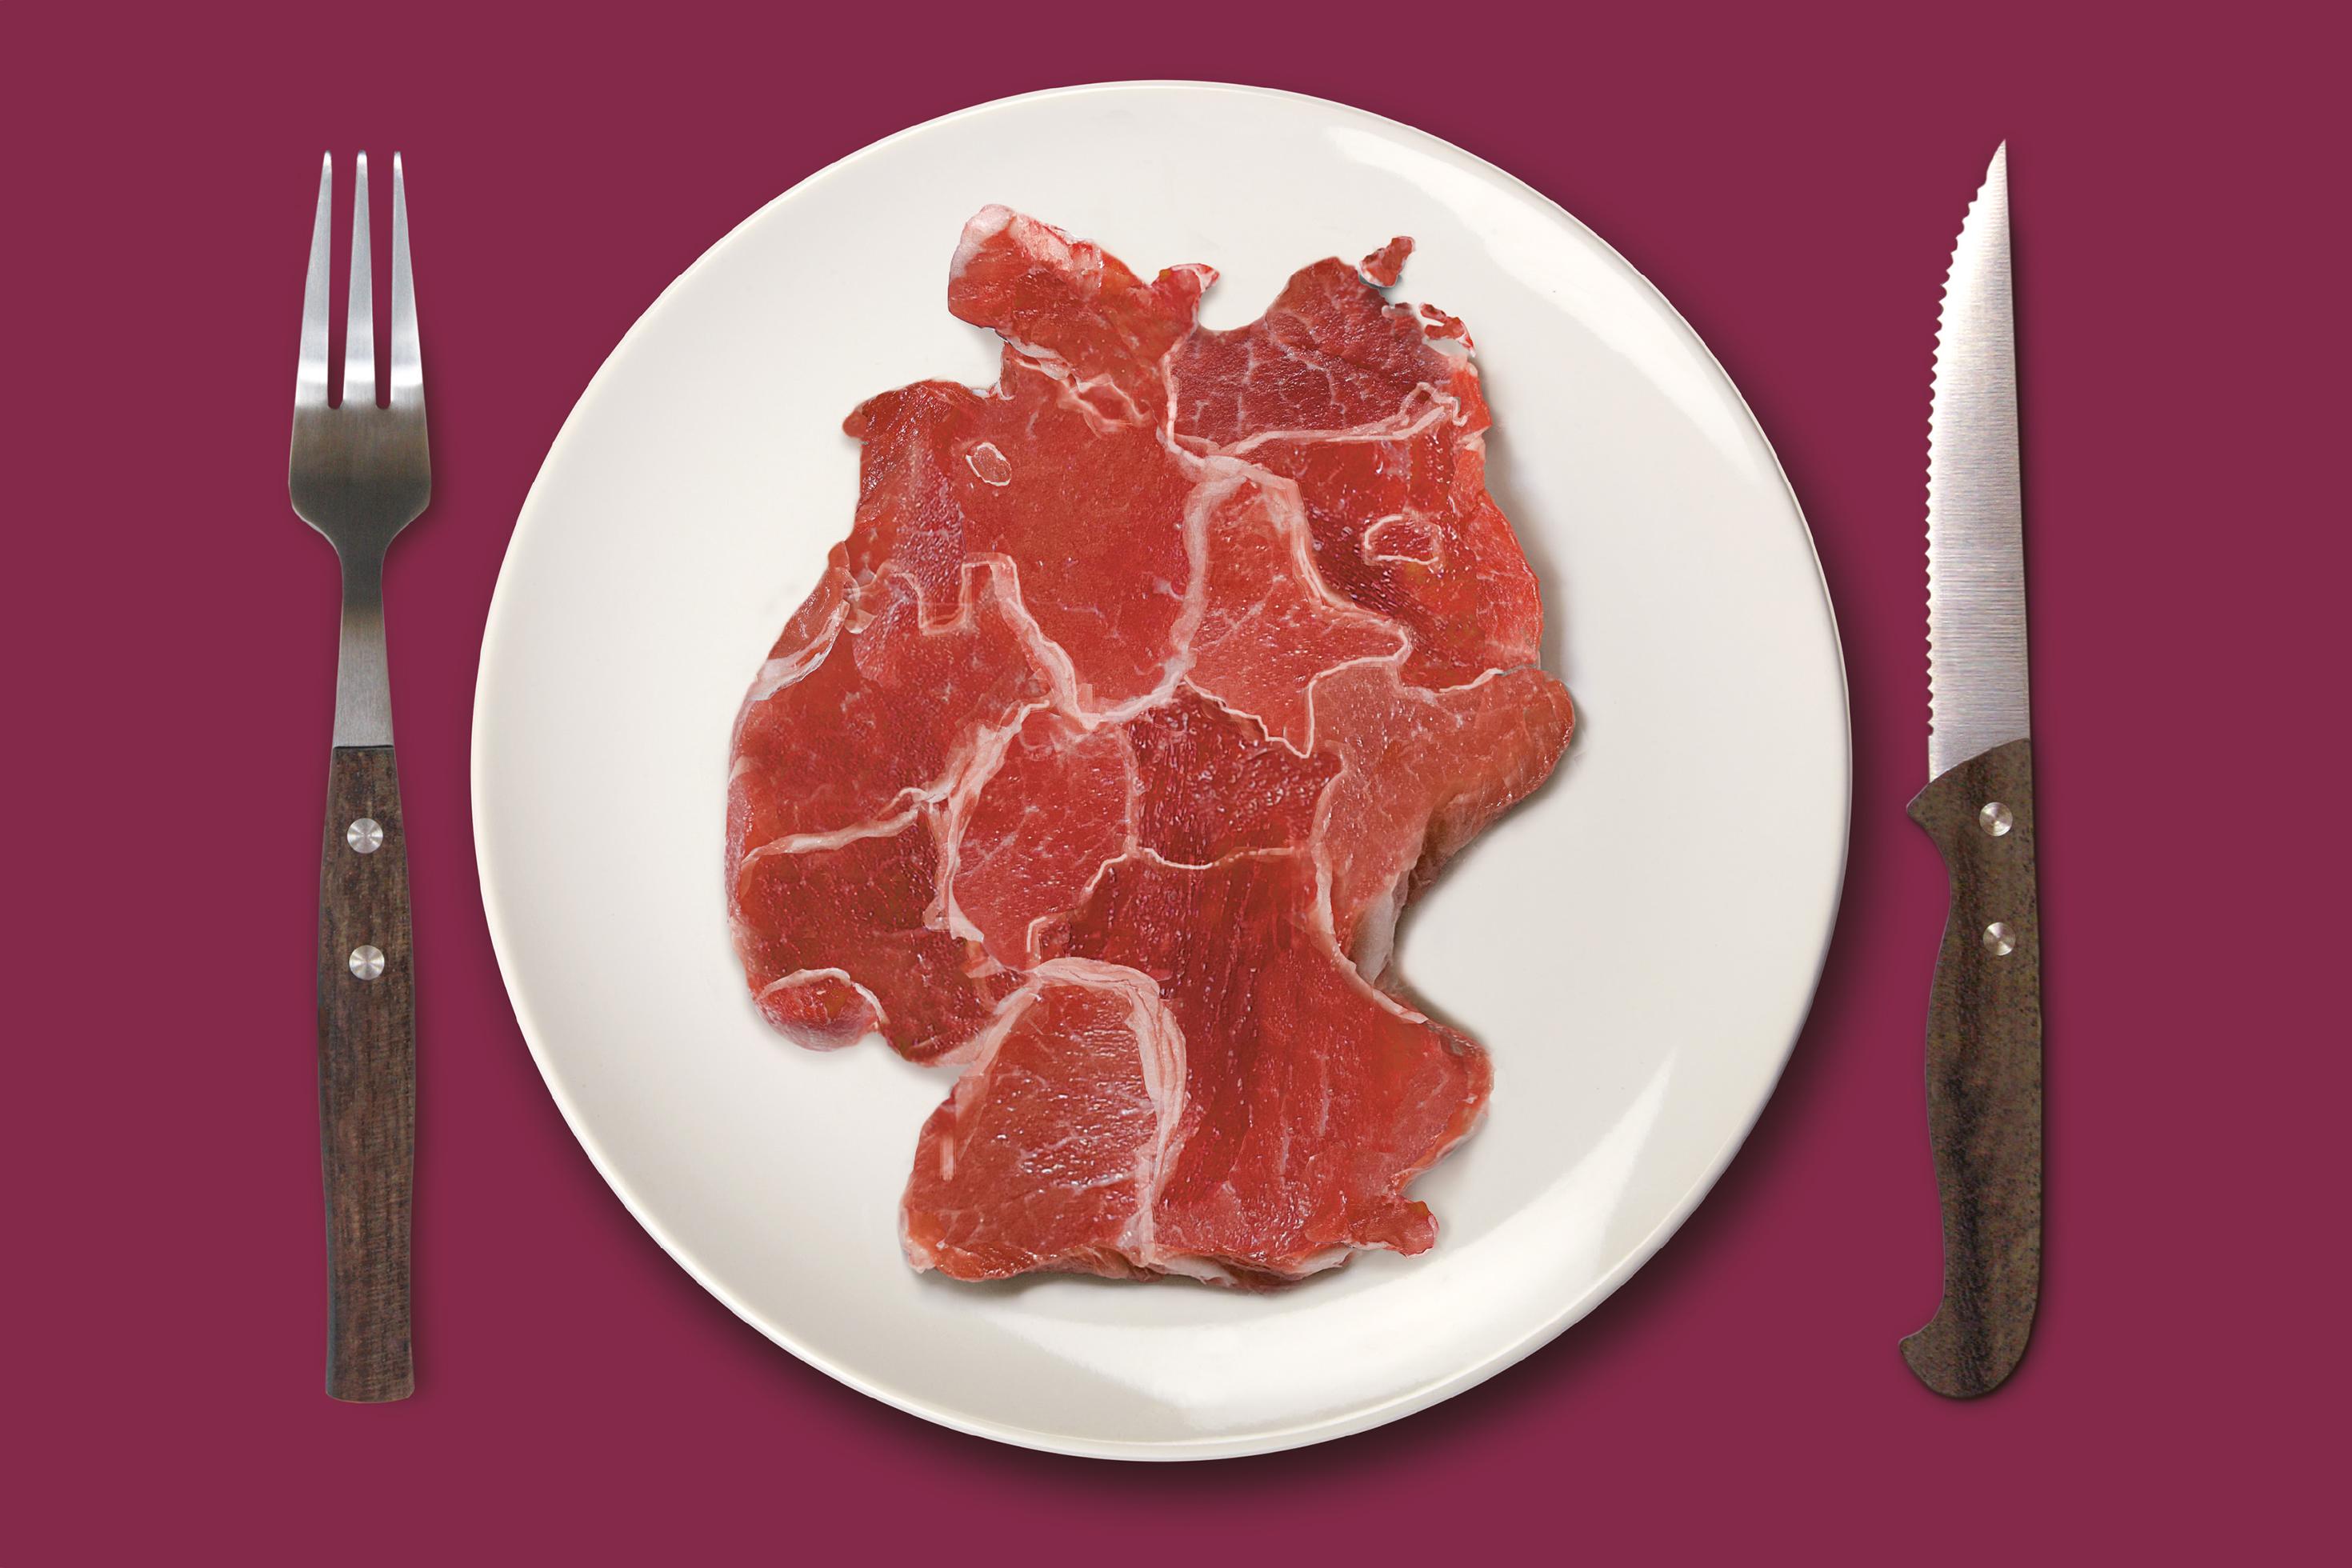 környezetvédelem húsfogyasztás vegetarianizmus vegán étrend